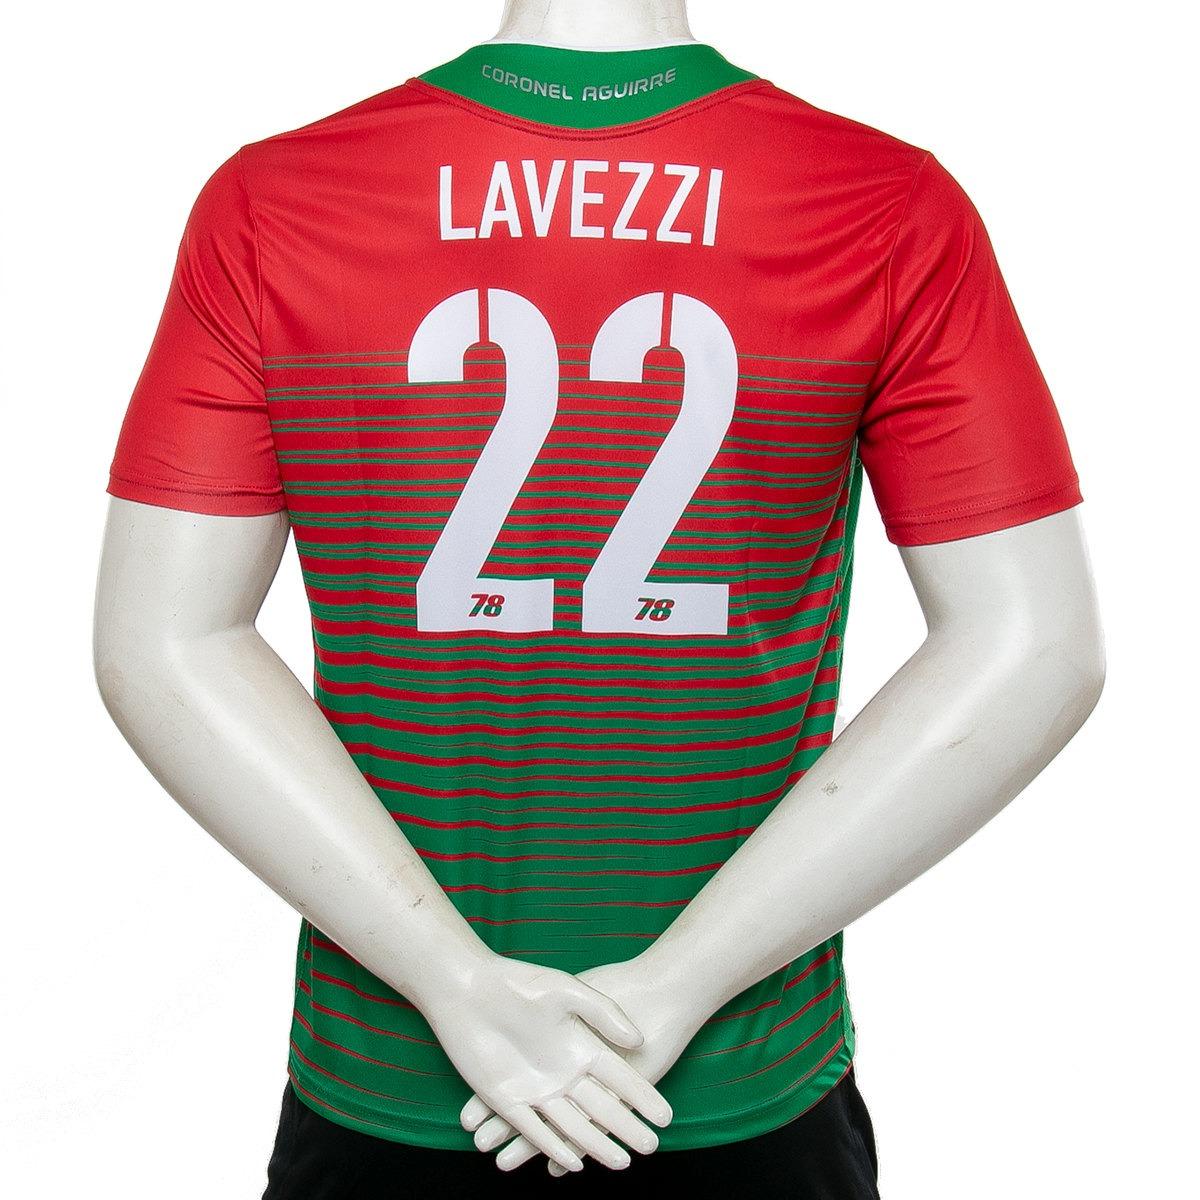 camiseta coronel aguirre  22 lavezzi 78. Cargando zoom. 1132bcb3b24a1